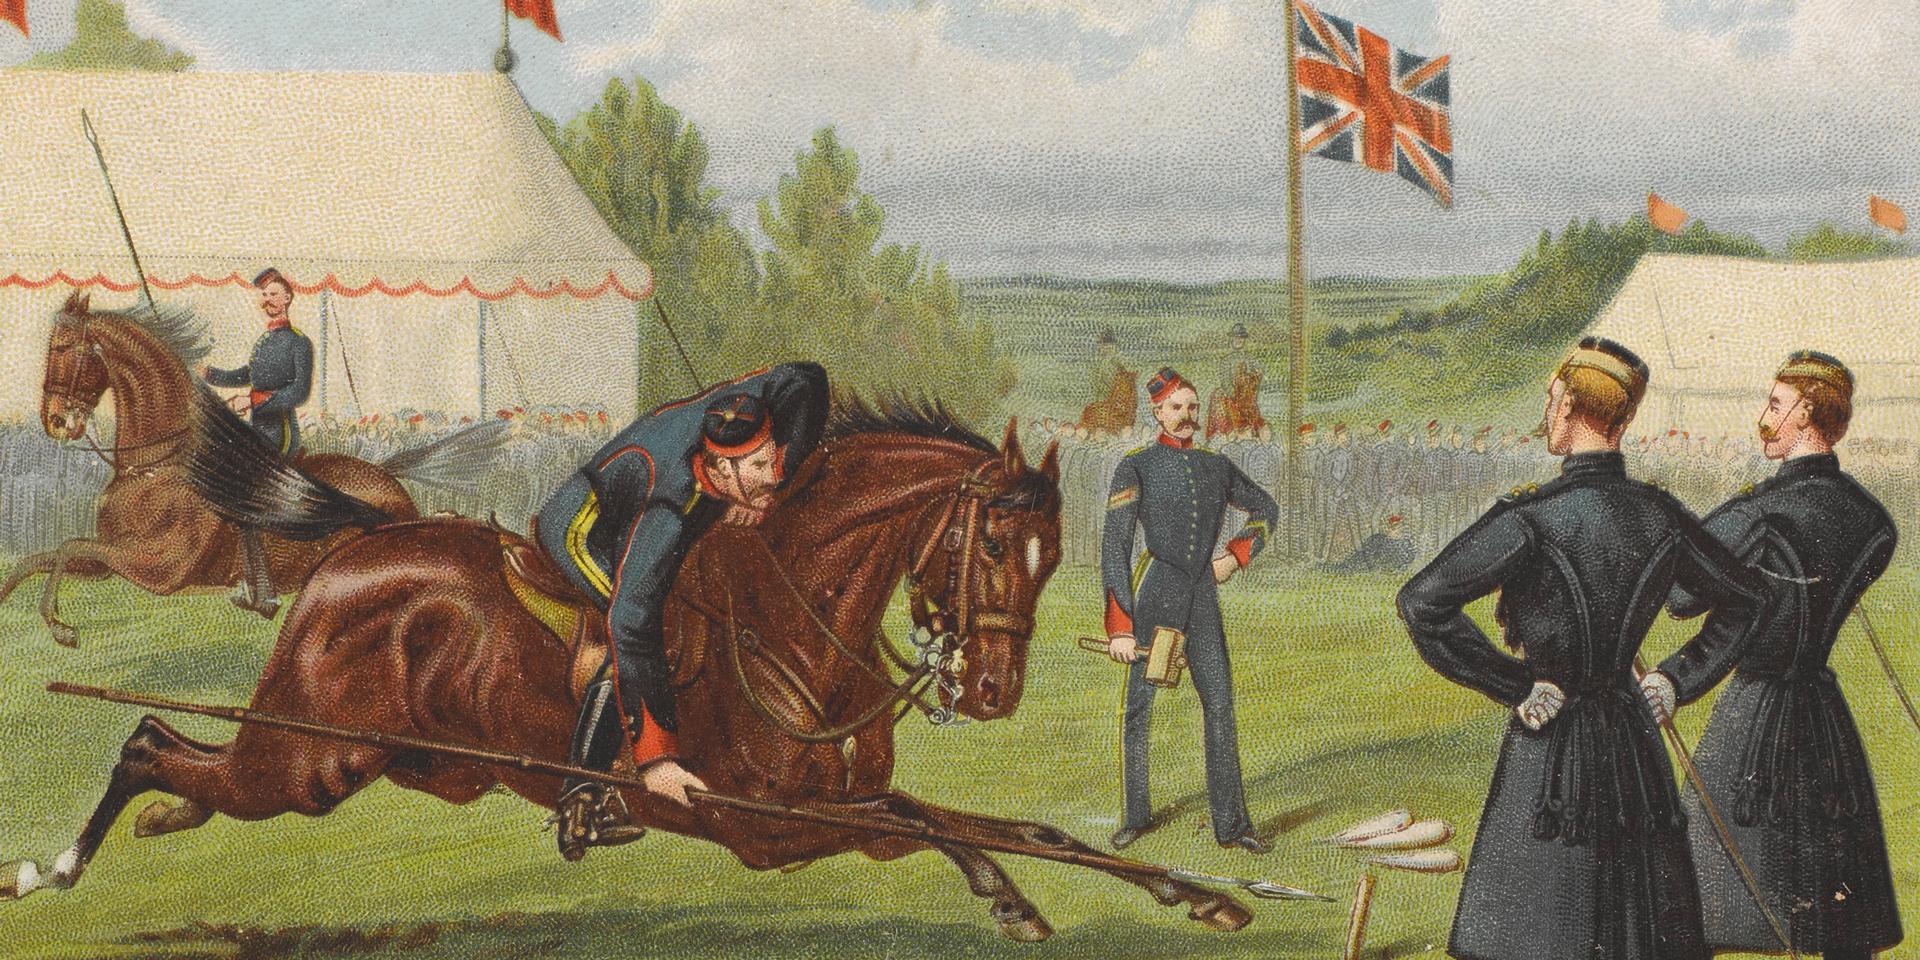 Tent-pegging, 1890